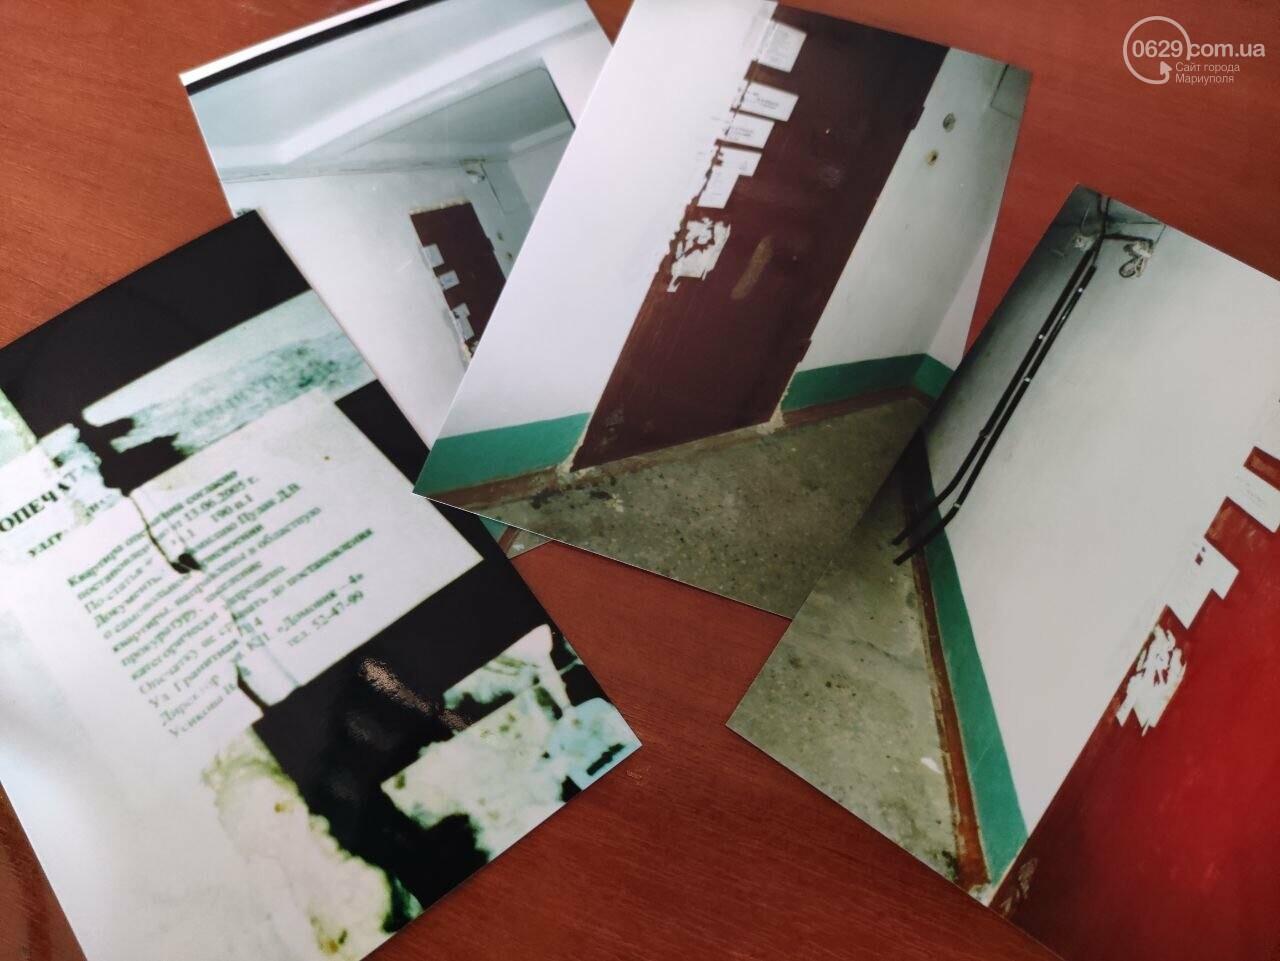 15 лет в розыске. Как в Мариуполе отобрали квартиру исчезнувшей девушки, - ДОКУМЕНТЫ, фото-1